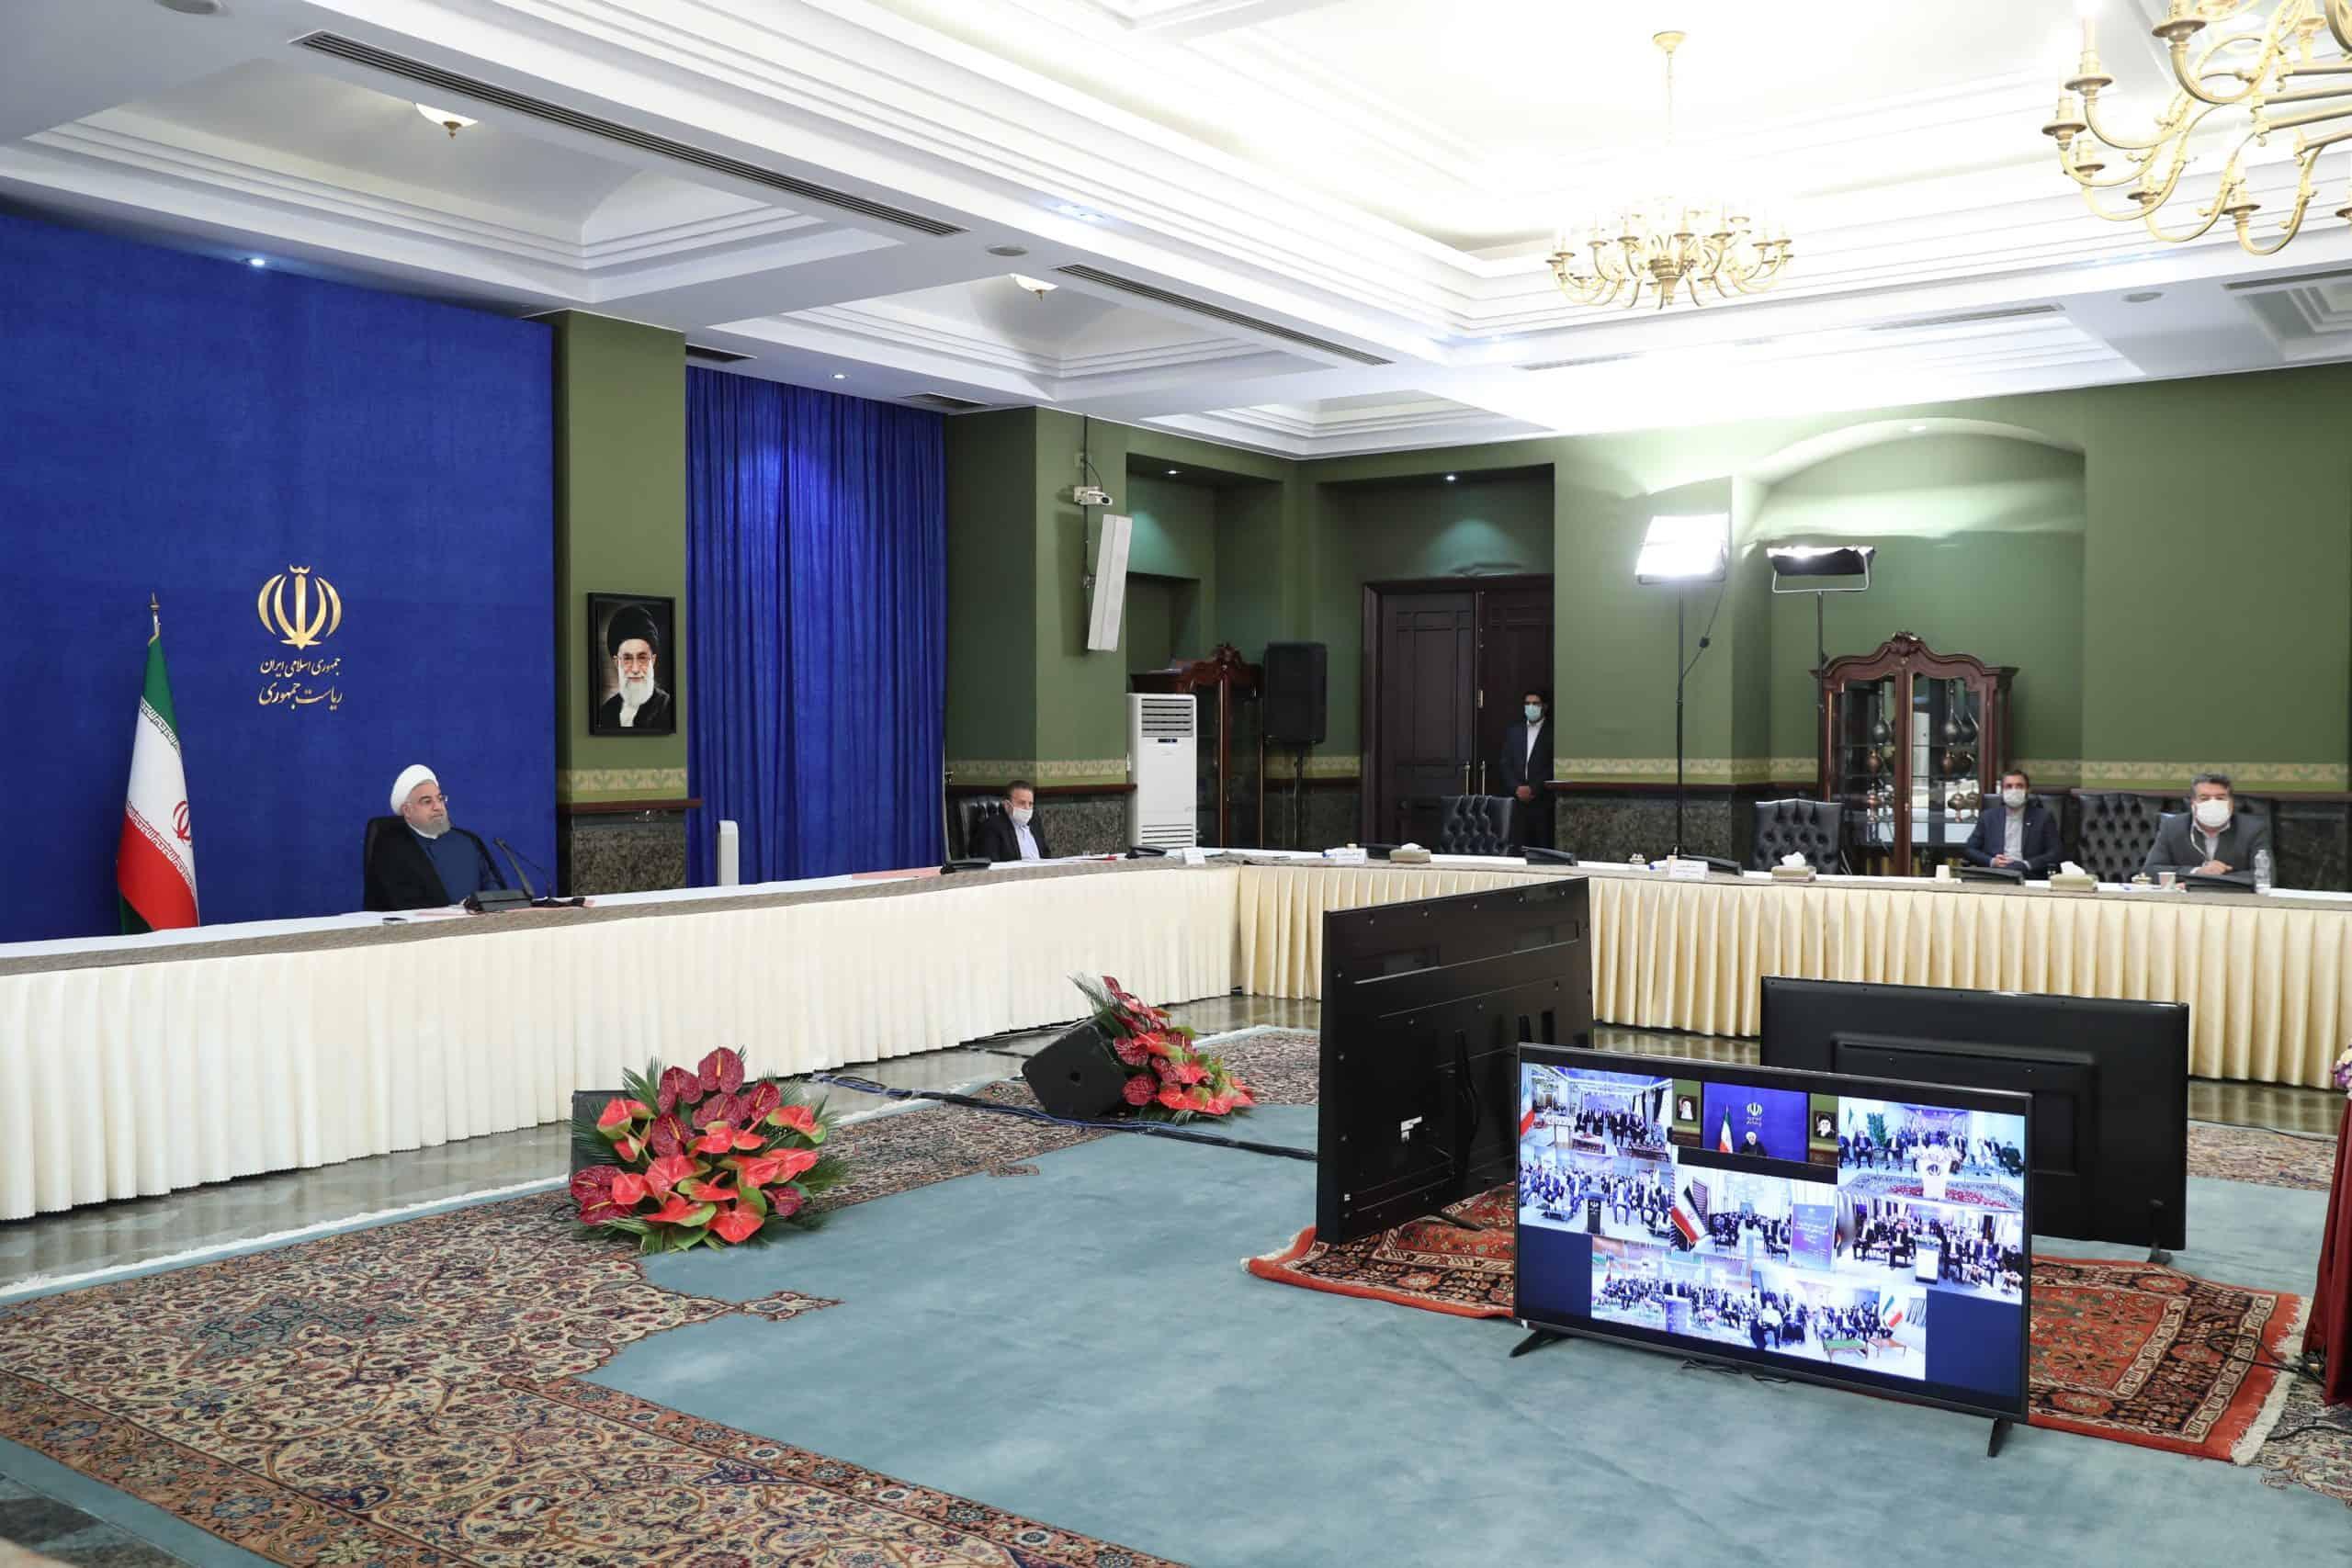 رئیس جمهور ۴۲۲ طرح را در حوزههای ورزش و جوانان و گردشگری افتتاح کرد